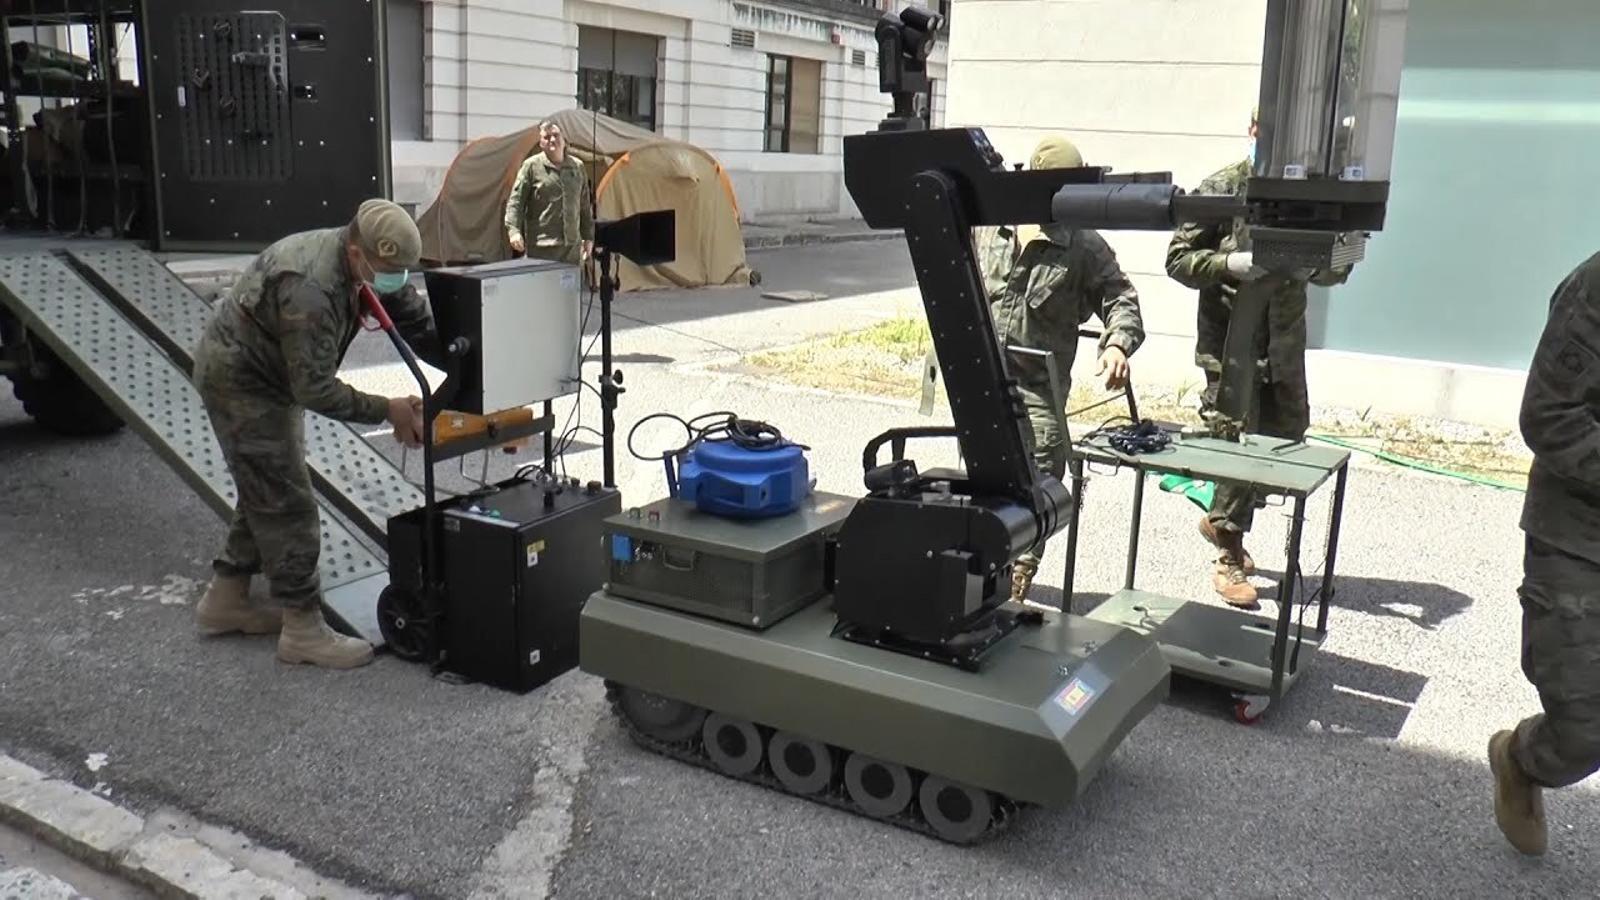 L'exèrcit transforma un robot per desactivar explosius en un vehicle per eliminar el coronavirus dels hospitals